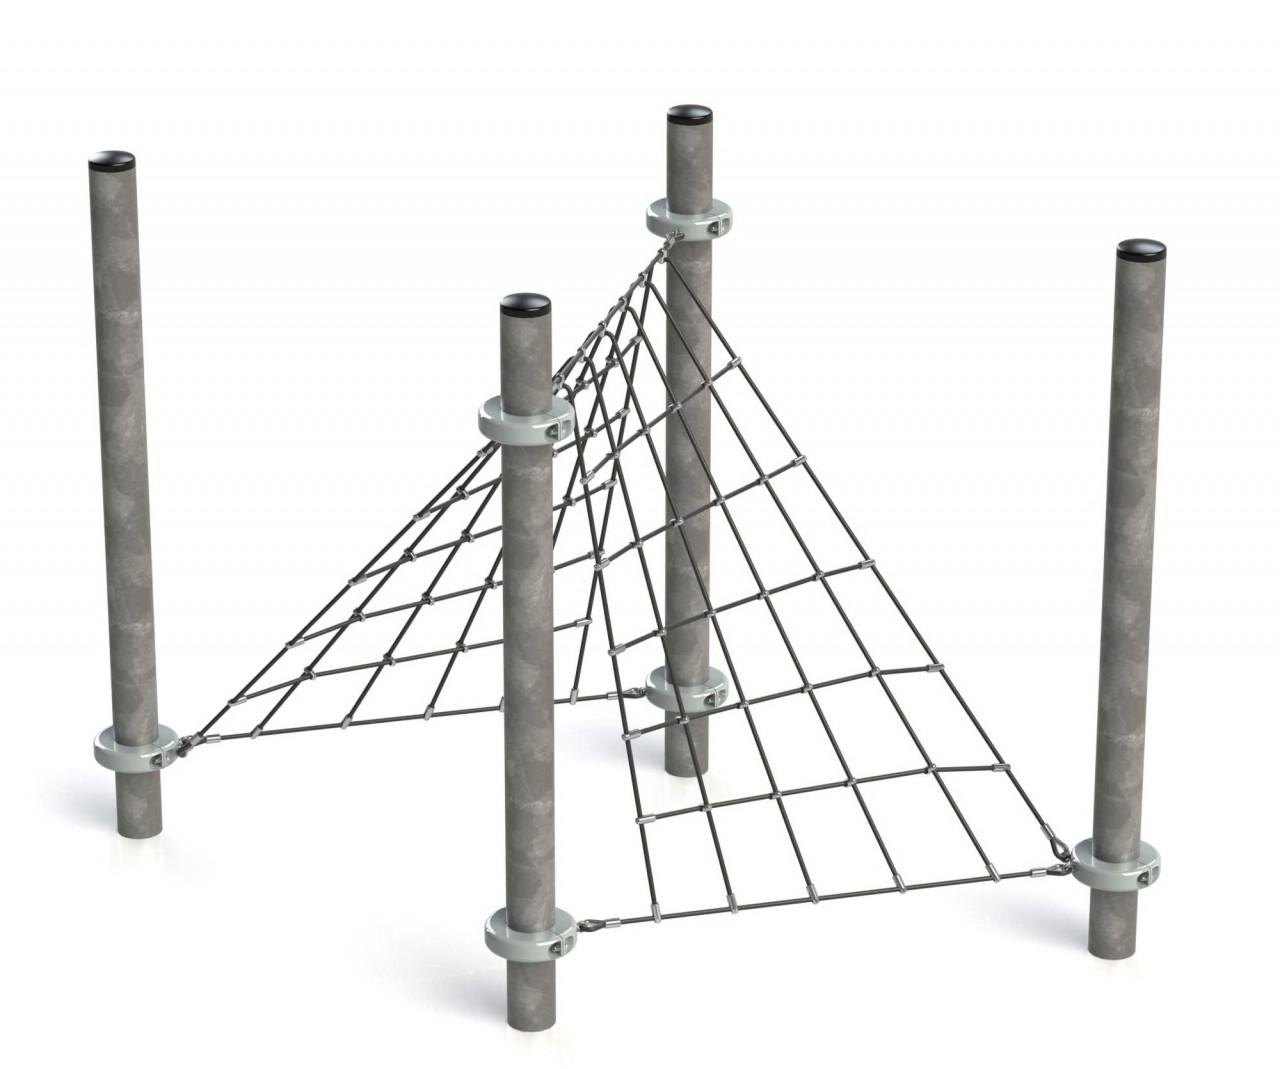 Klettergerüst Kletternetz Tent für Kinder Spielplätze nach DIN EN 1176